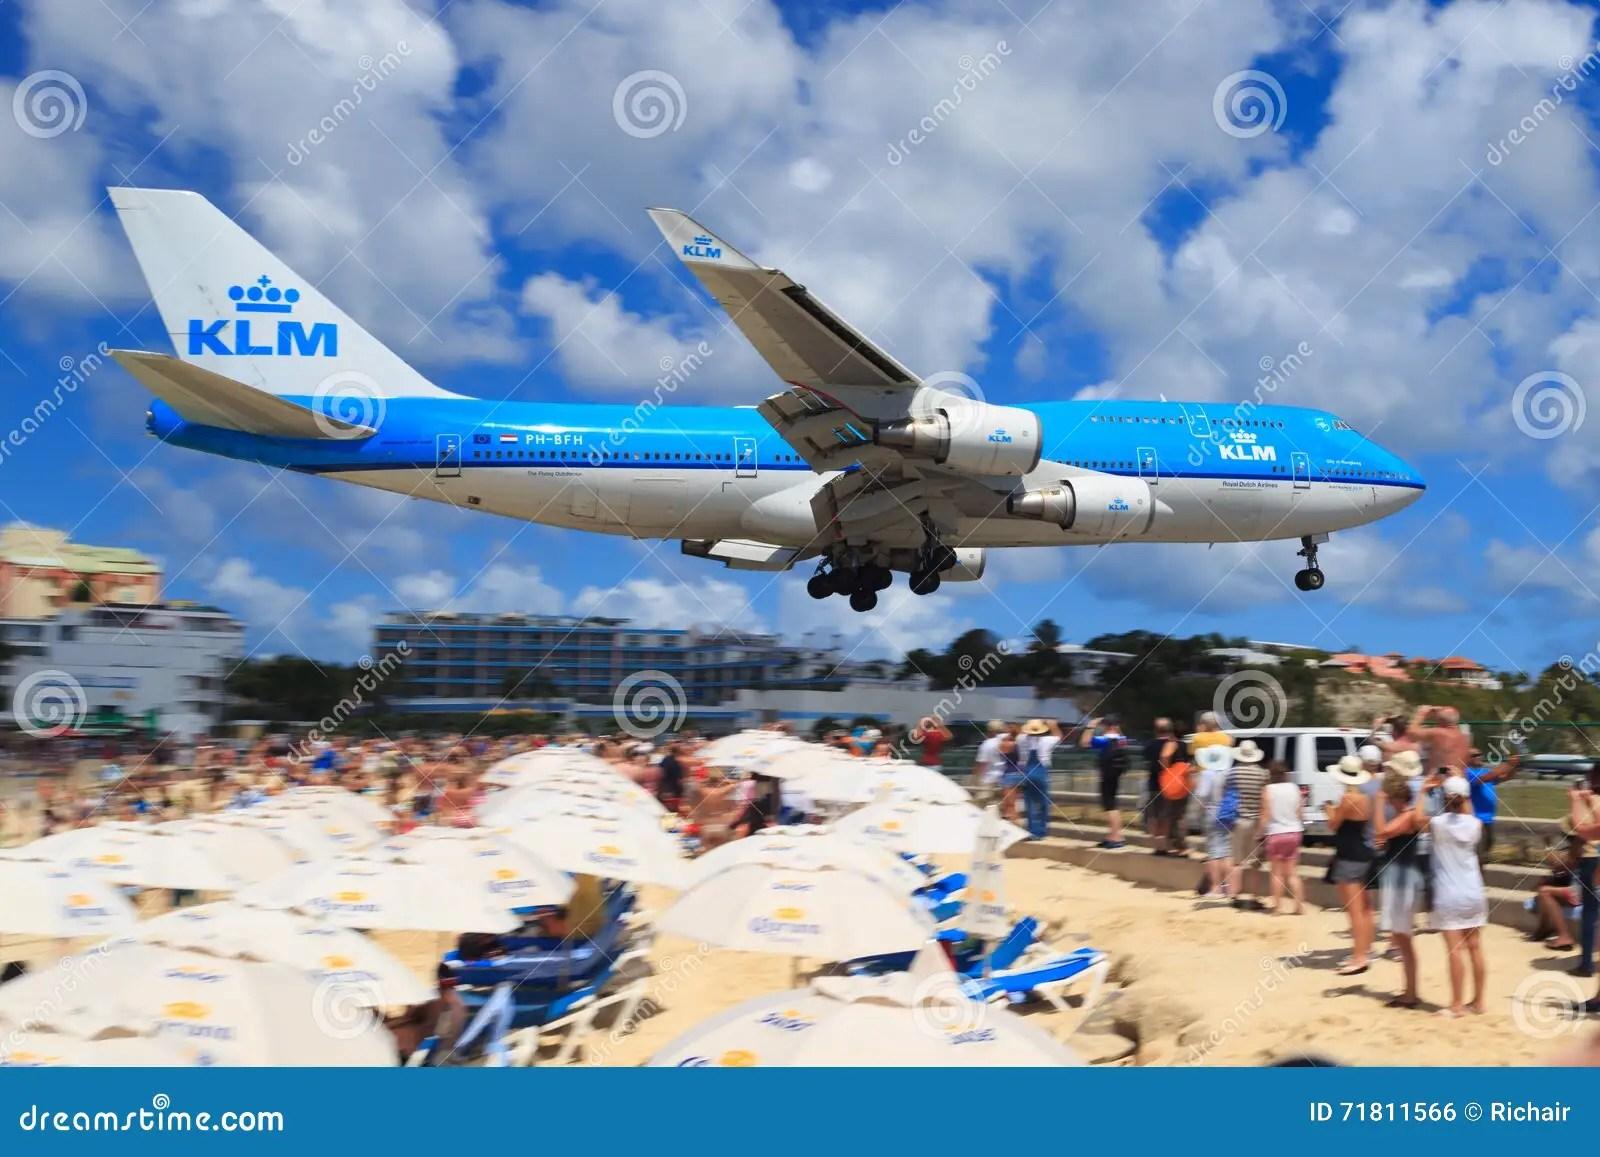 klm 747 over maho